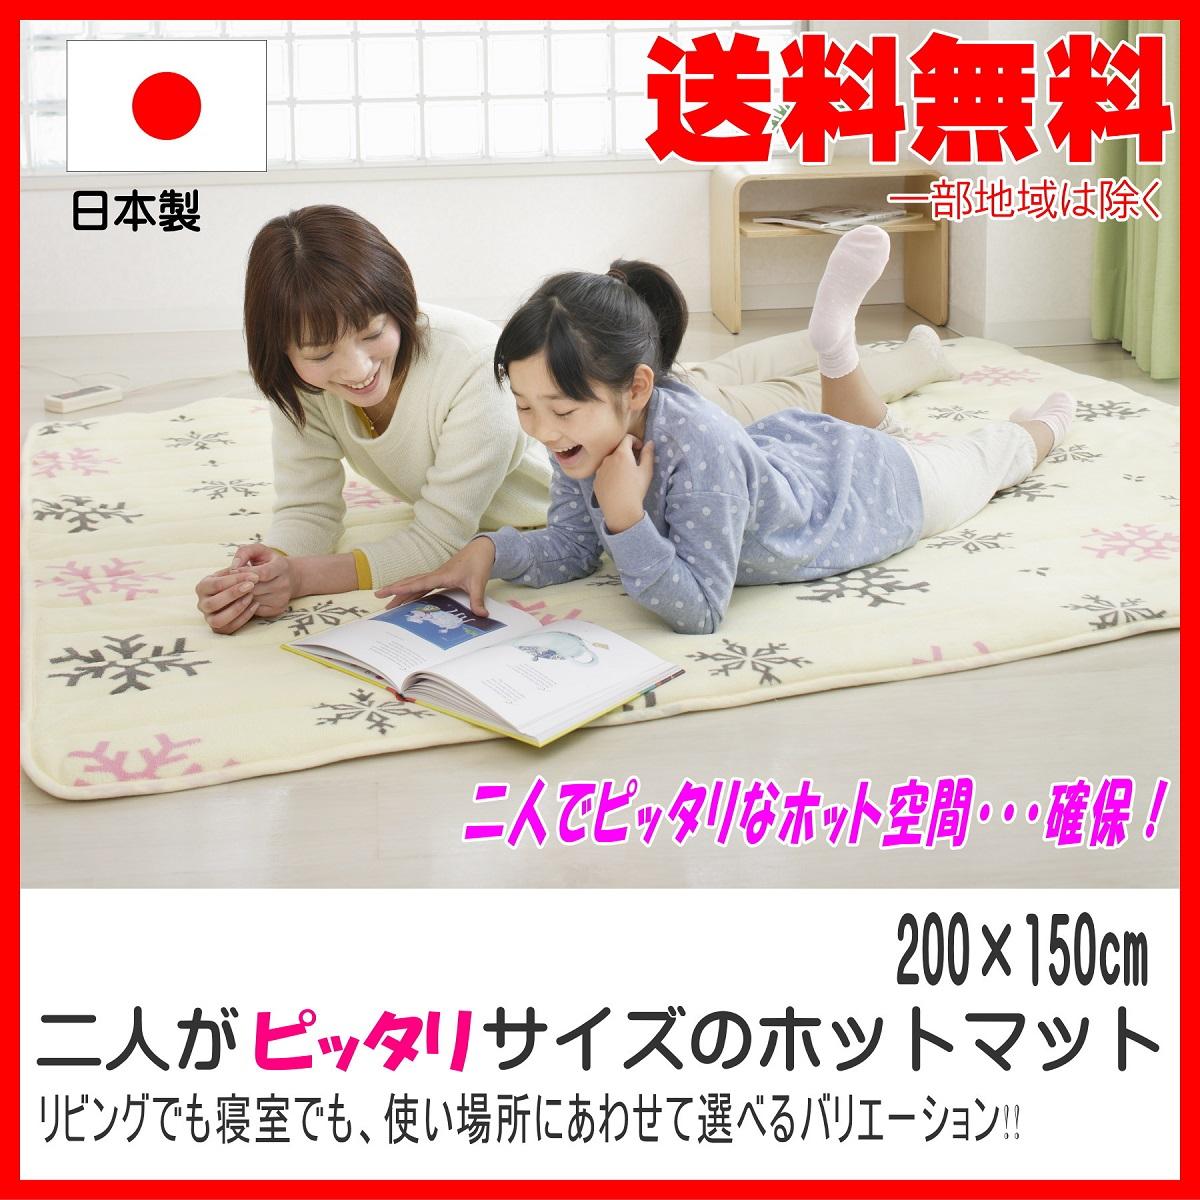 ソファ用ホットマット大 200×150cm / 椅子やホットカーペットしても使える / あったかパーソナルマット日本製 送料無料